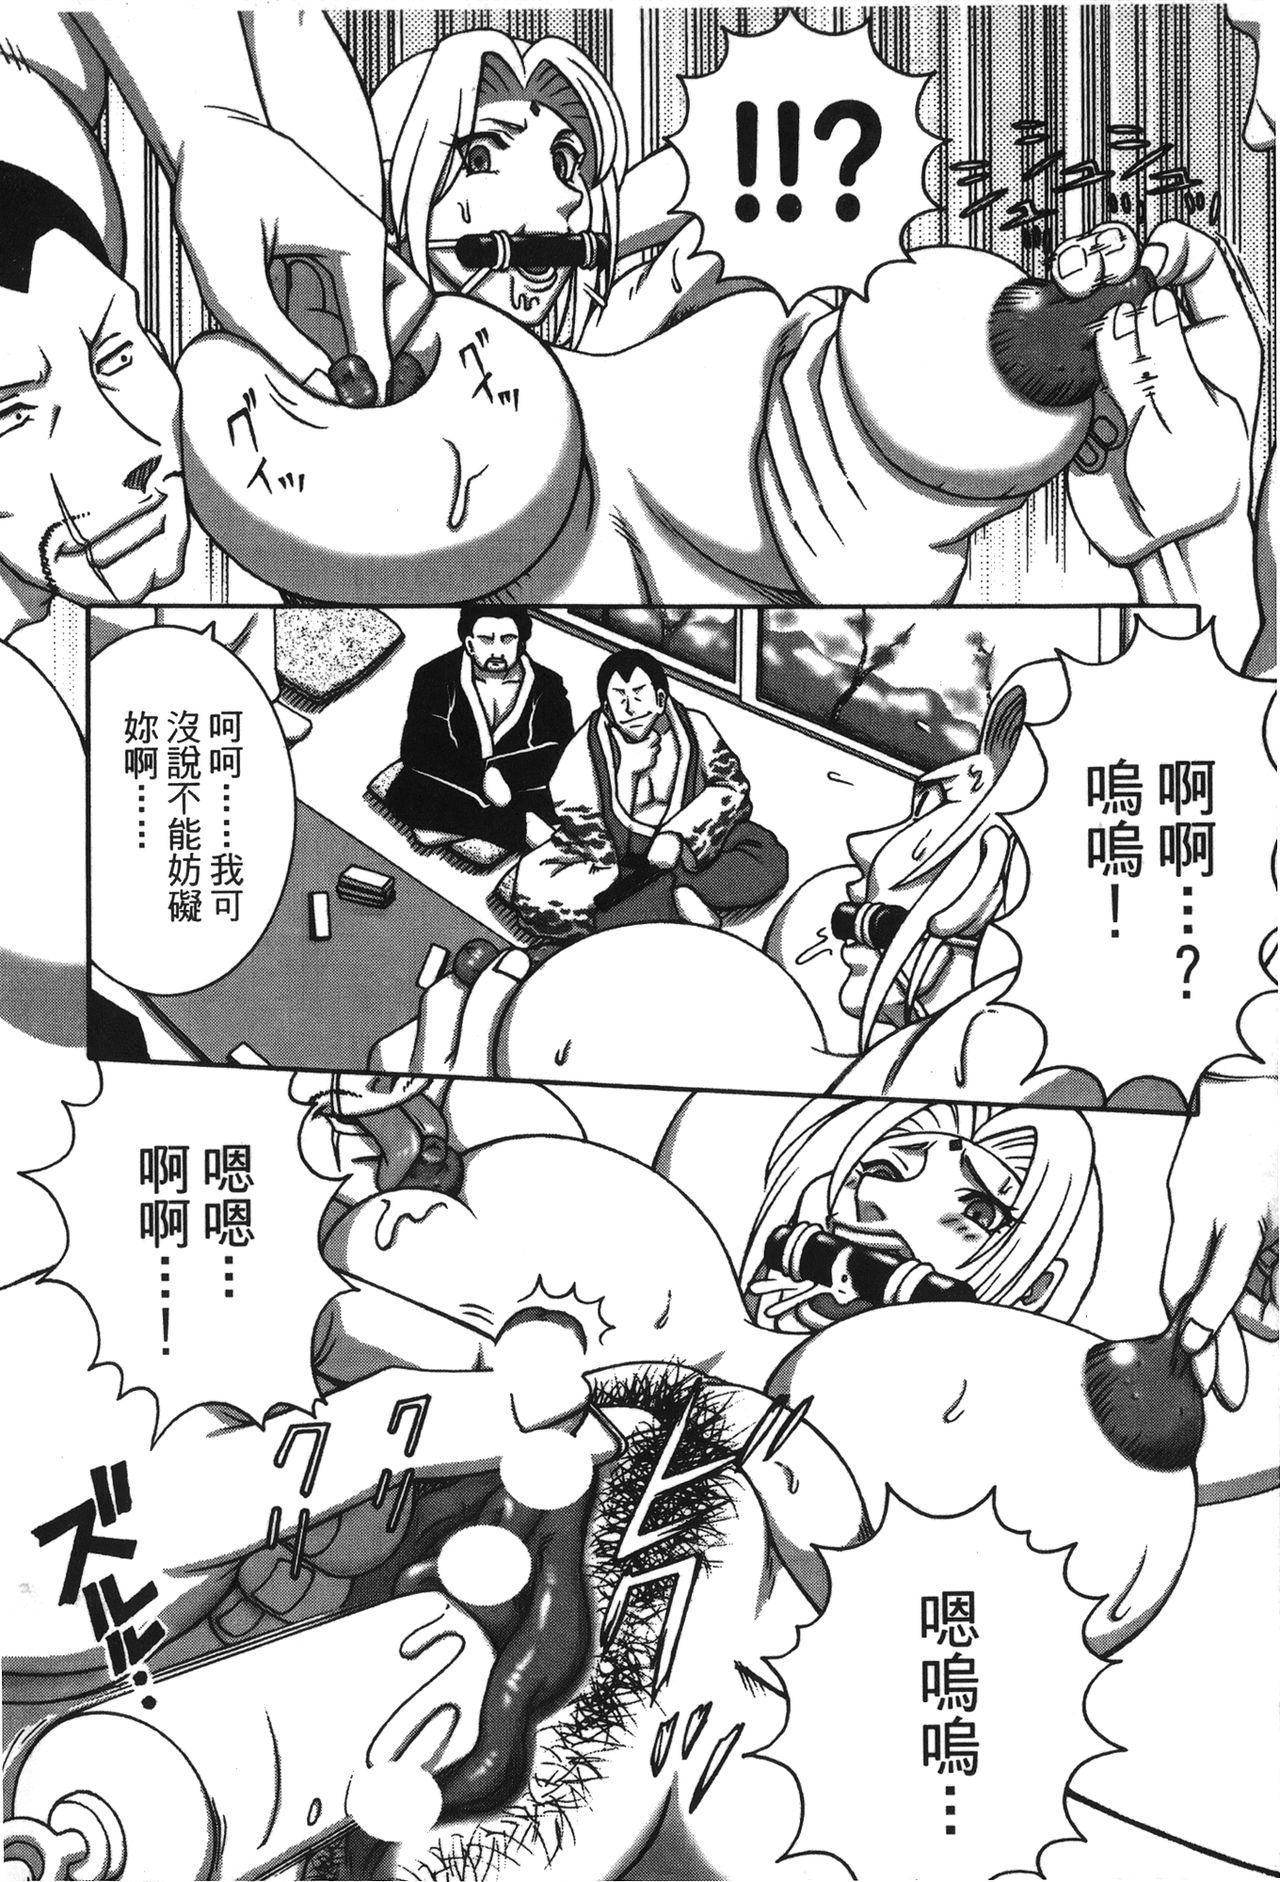 naruto ninja biography vol.02 8